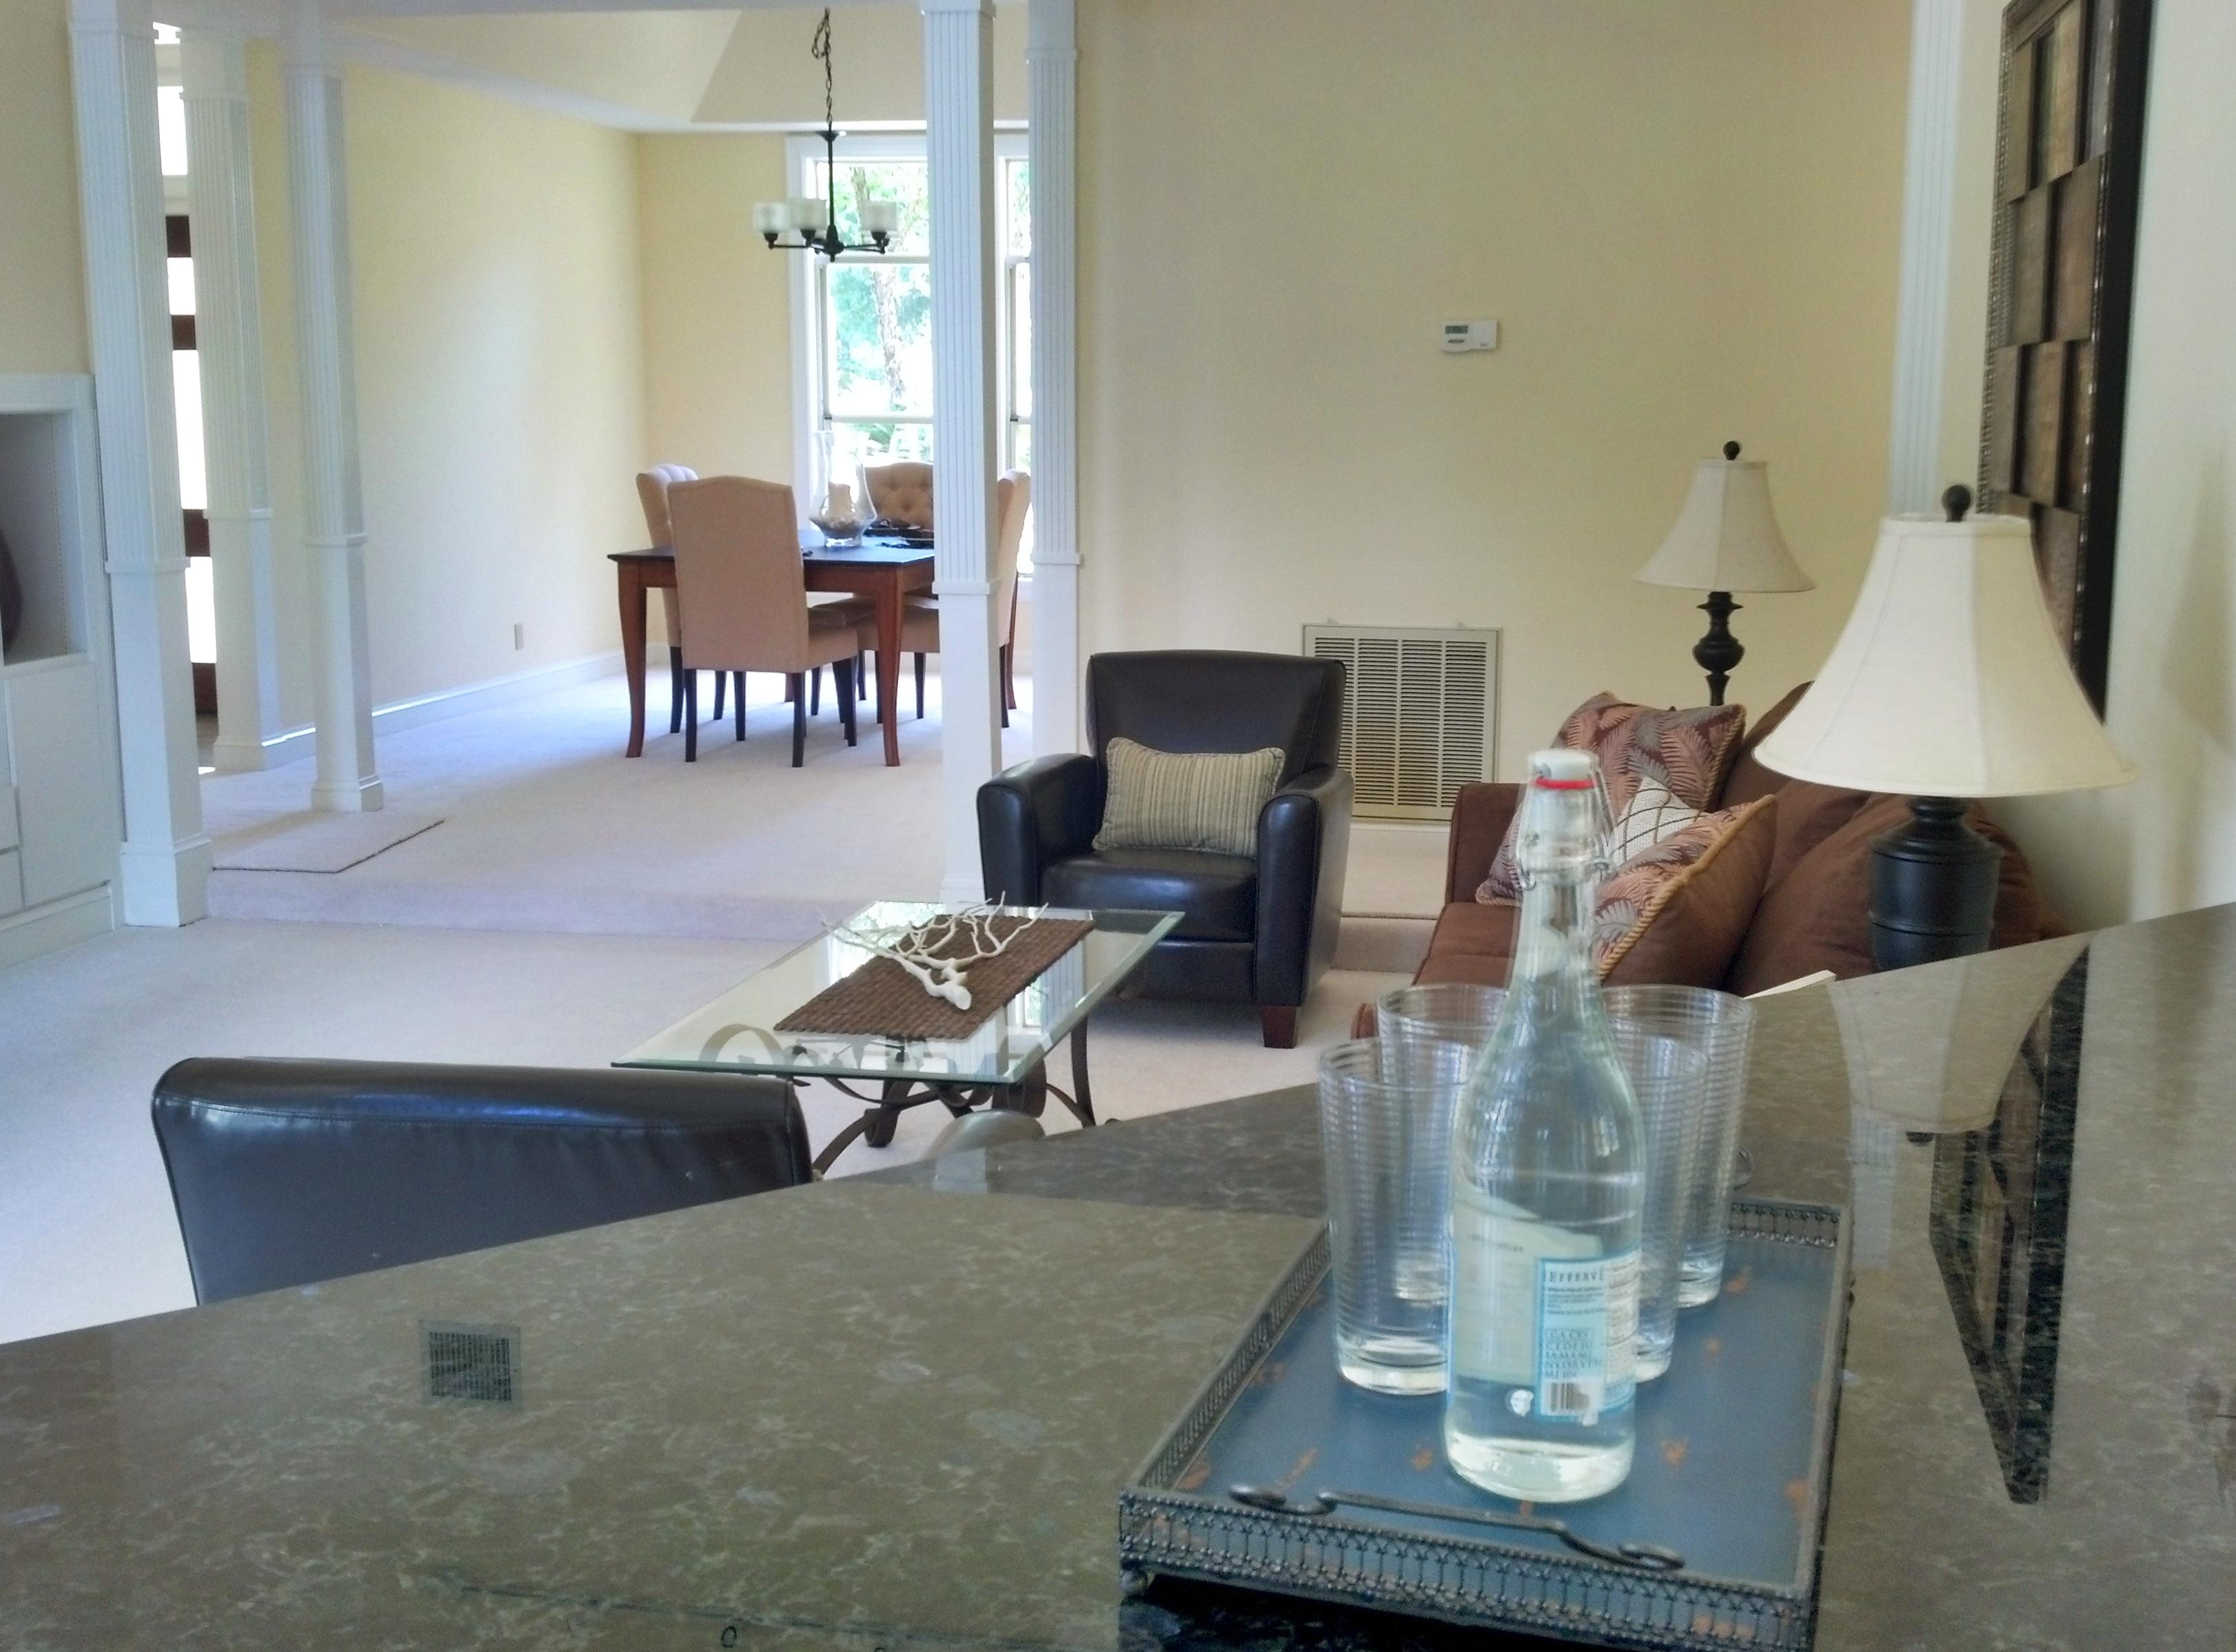 Interiors Revitalized green decorating ideas - Interior Design ...